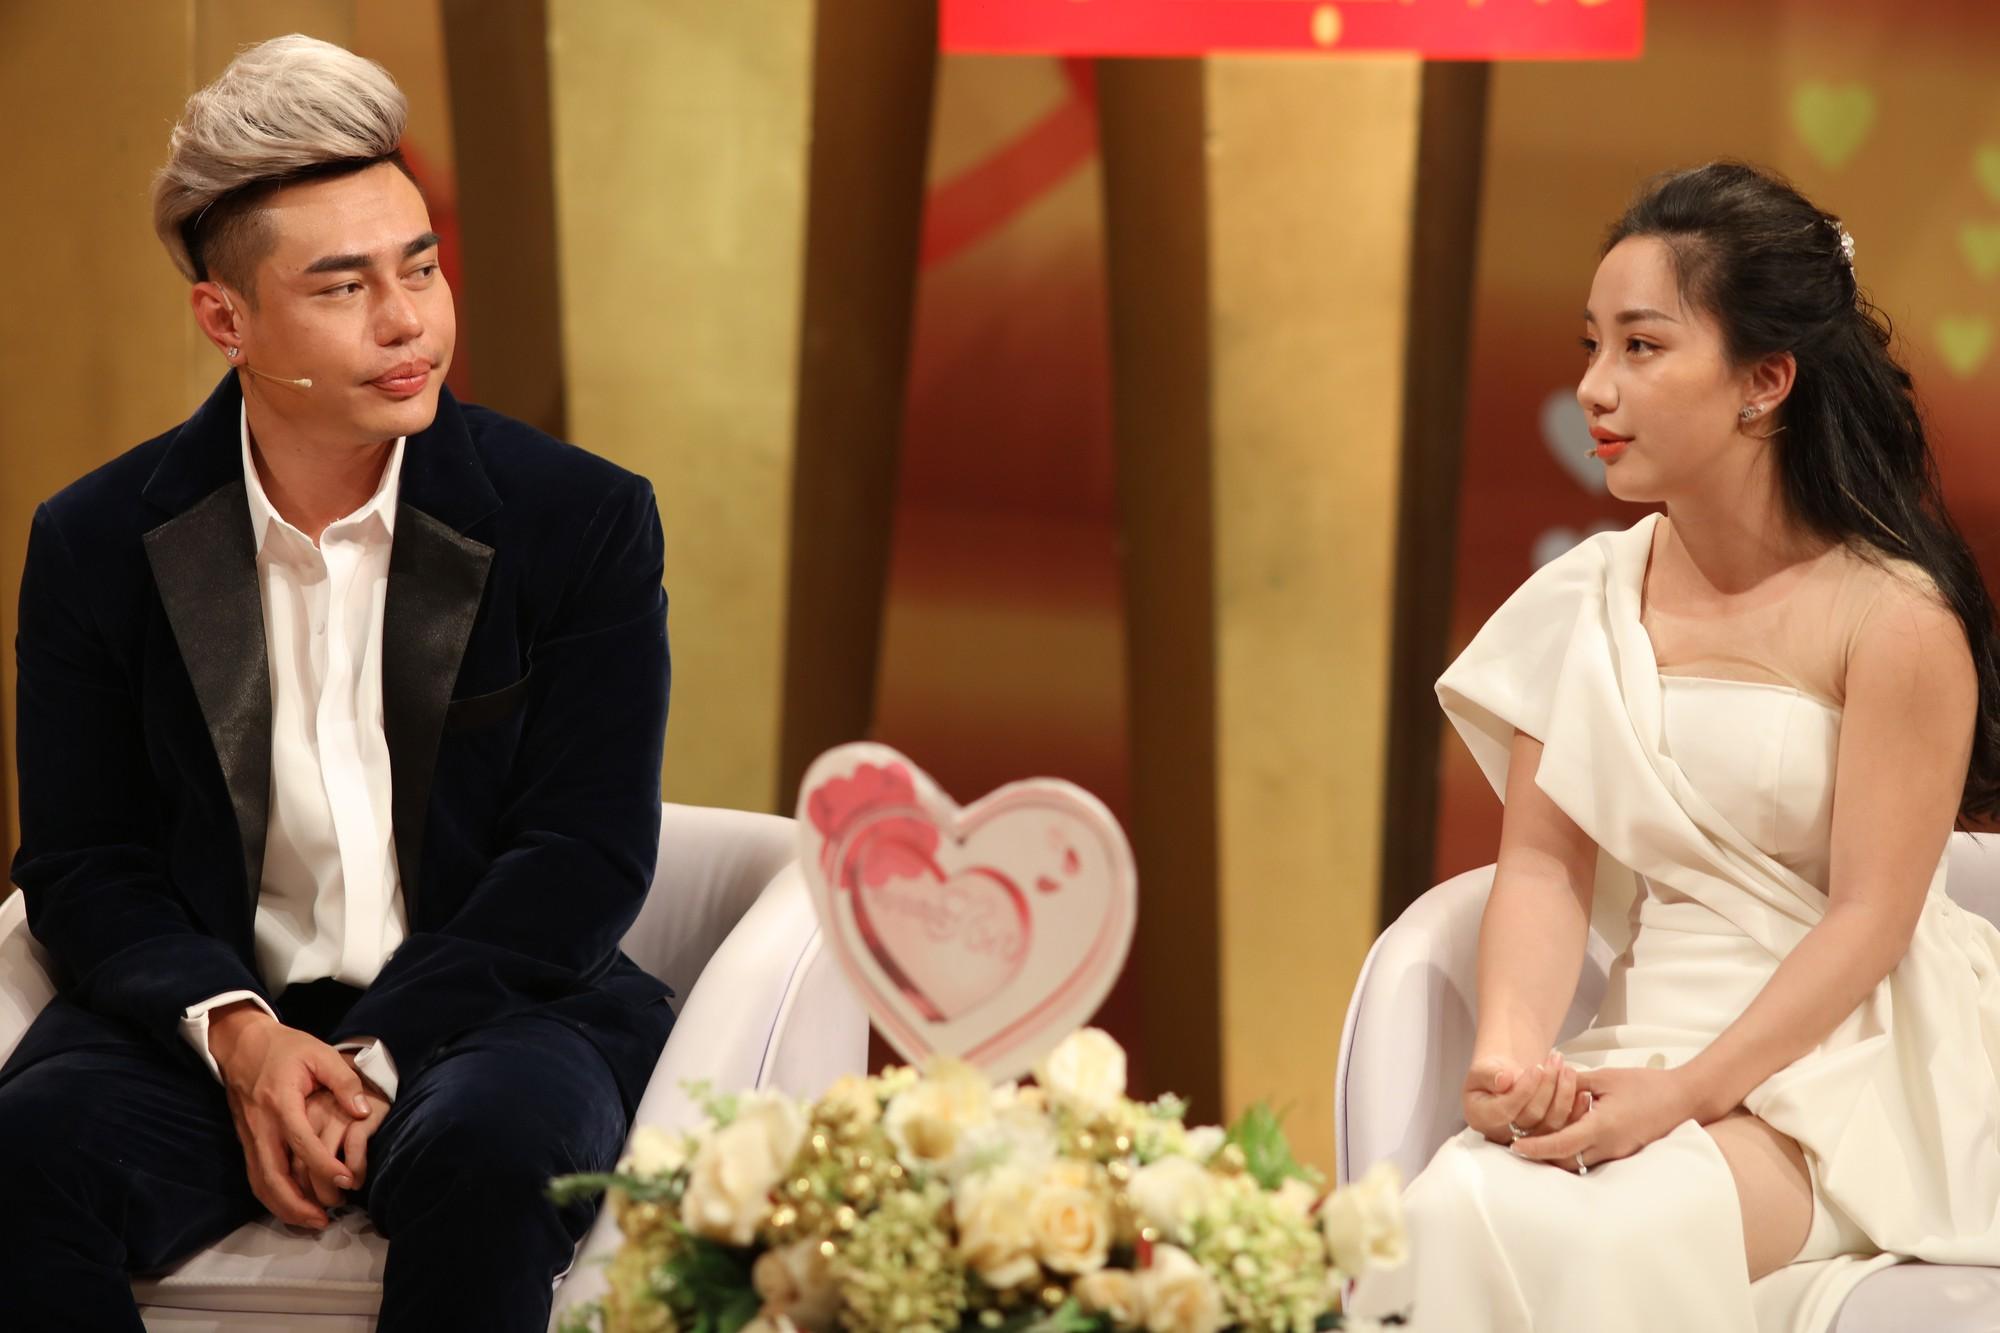 """Chuyện tình 7 năm của Lê Dương Bảo Lâm và nữ trợ lý: """"Ở nhà bị gọi là công chúa, vợ như là mẹ"""" - Ảnh 2."""